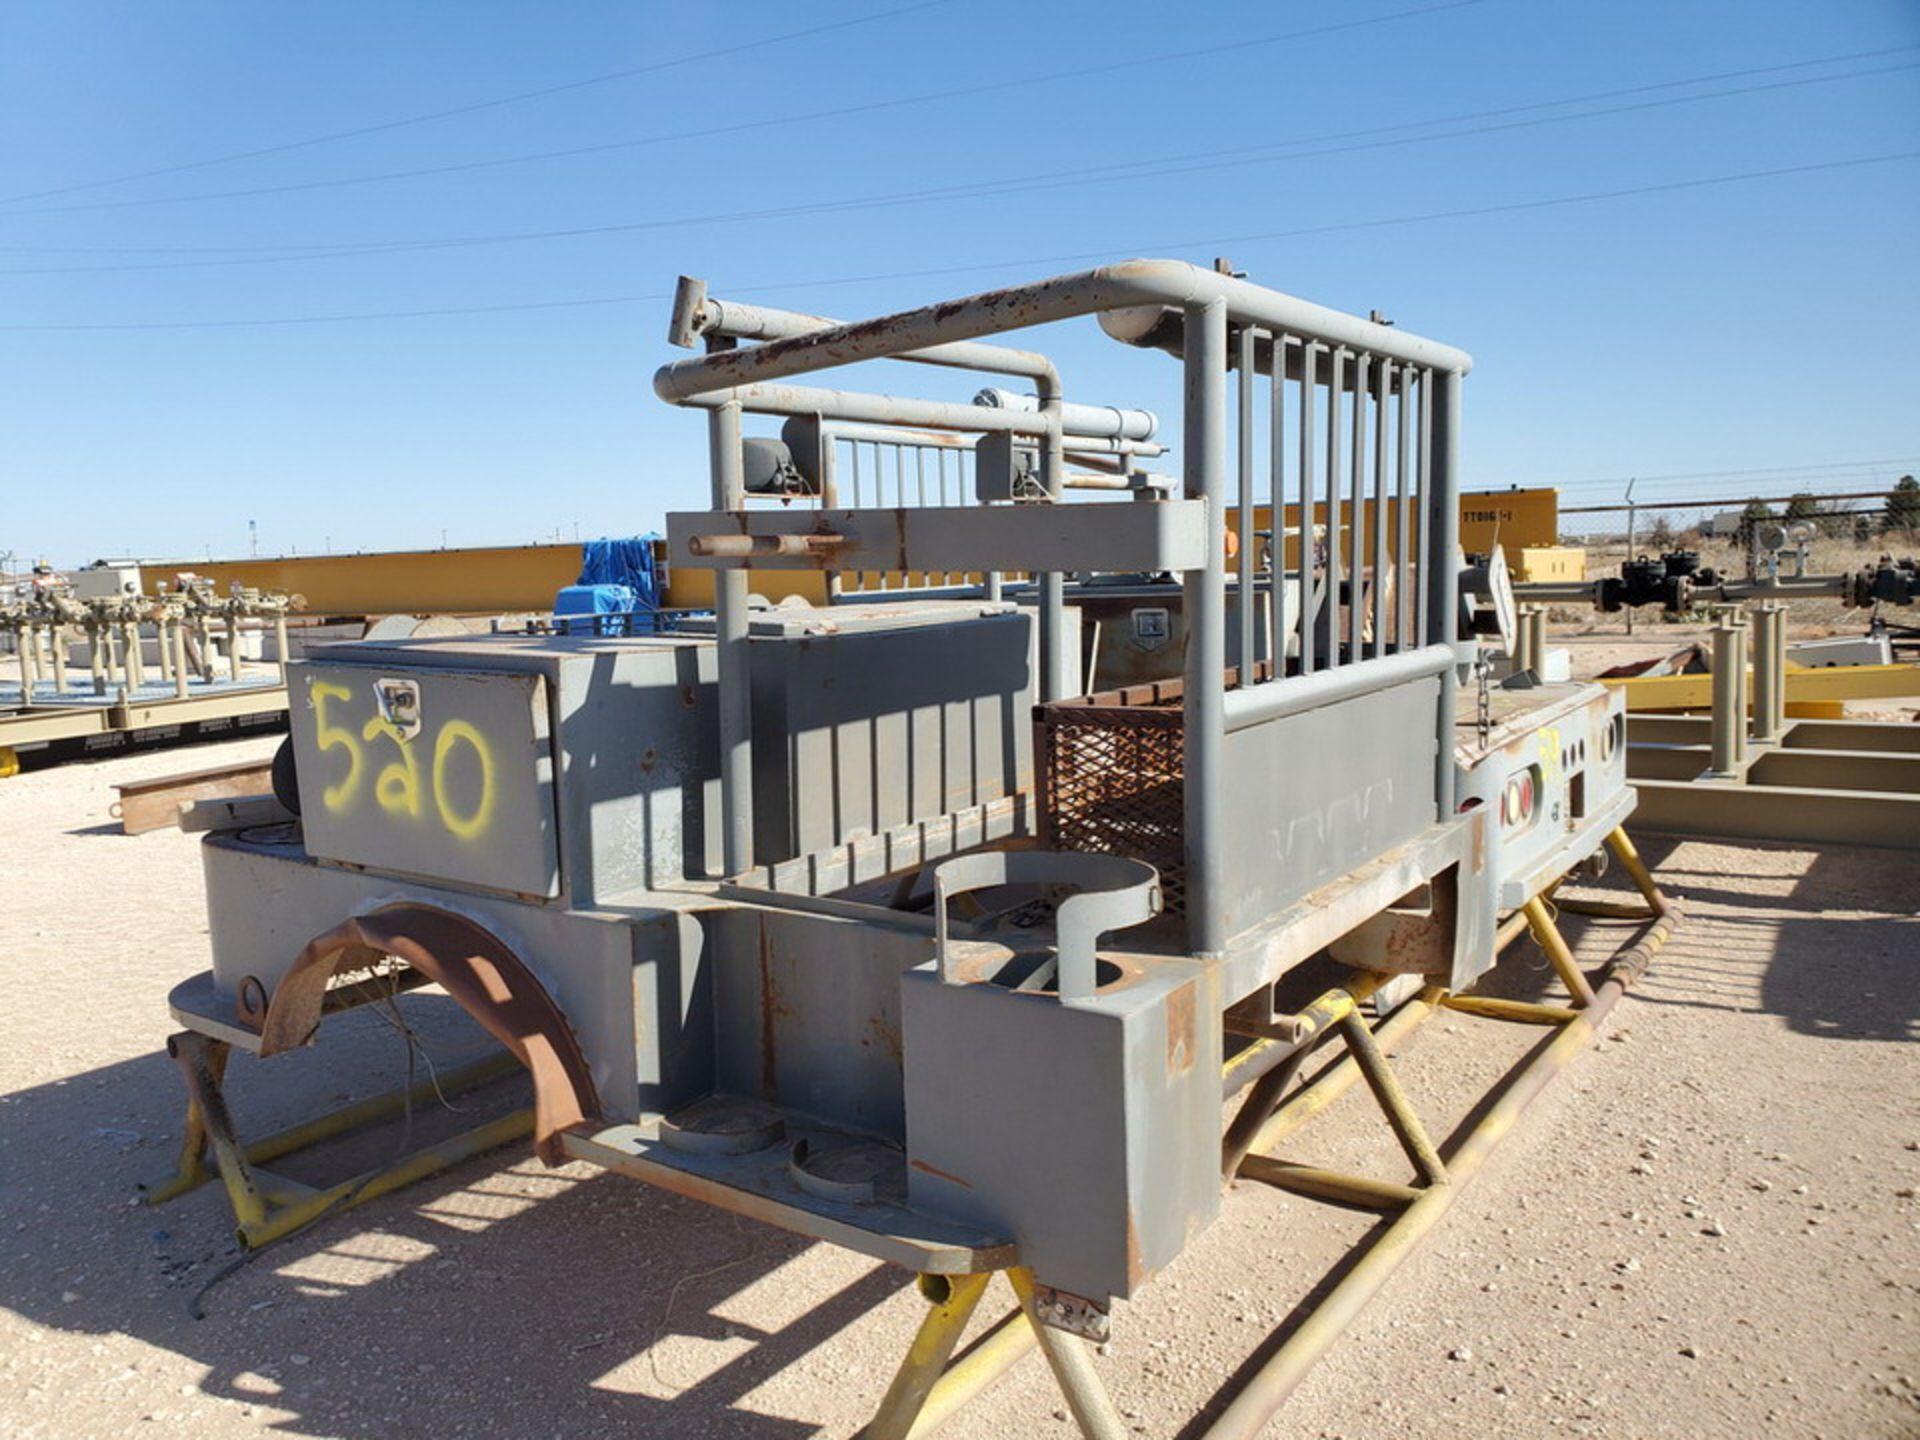 Welding Truck Bed - Image 6 of 10